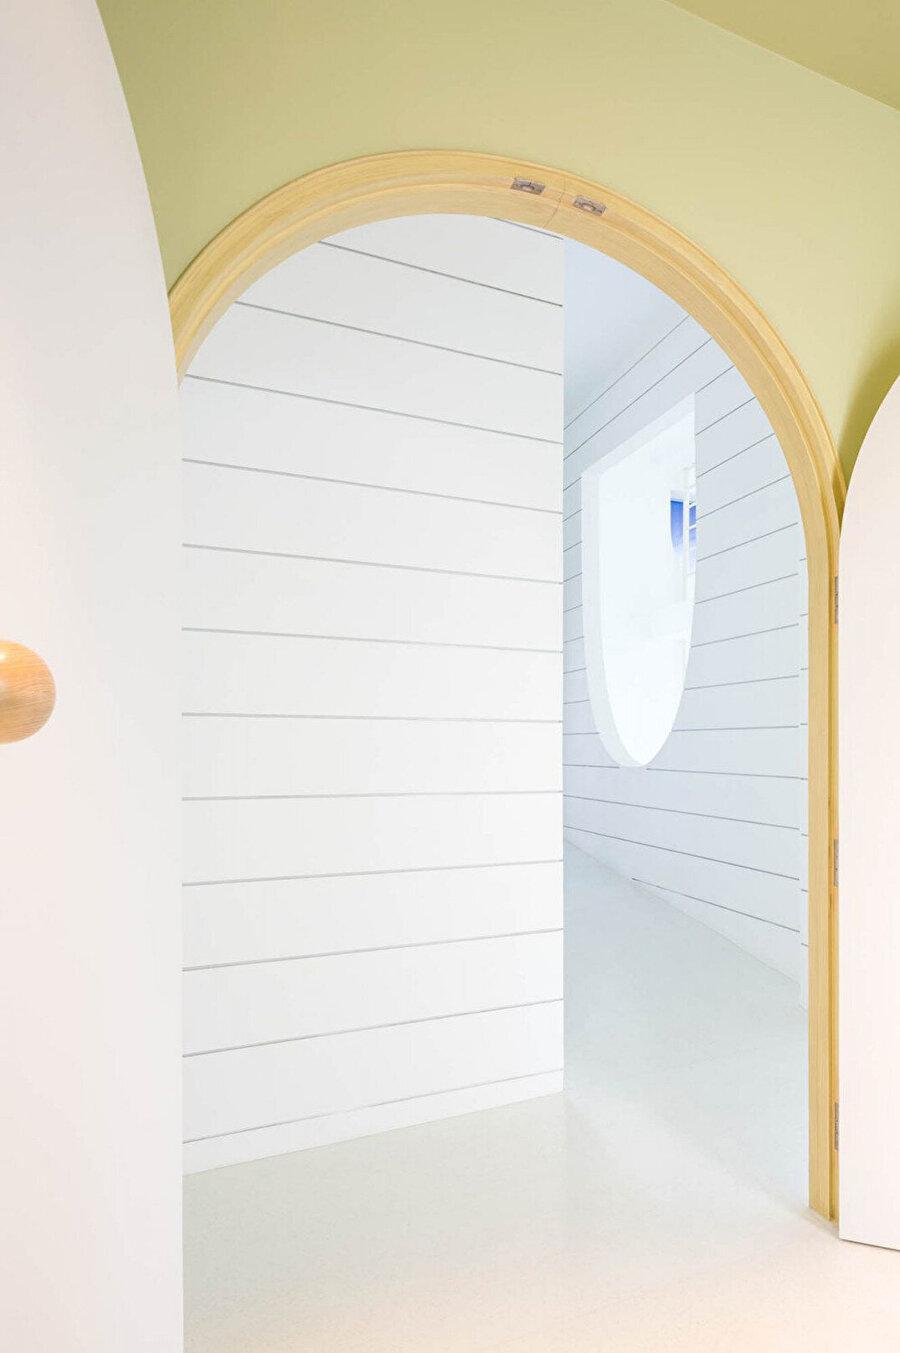 Kapı açıklıkları da pencere ve diğer delikler gibi yuvarlak hatlardan oluşuyor.